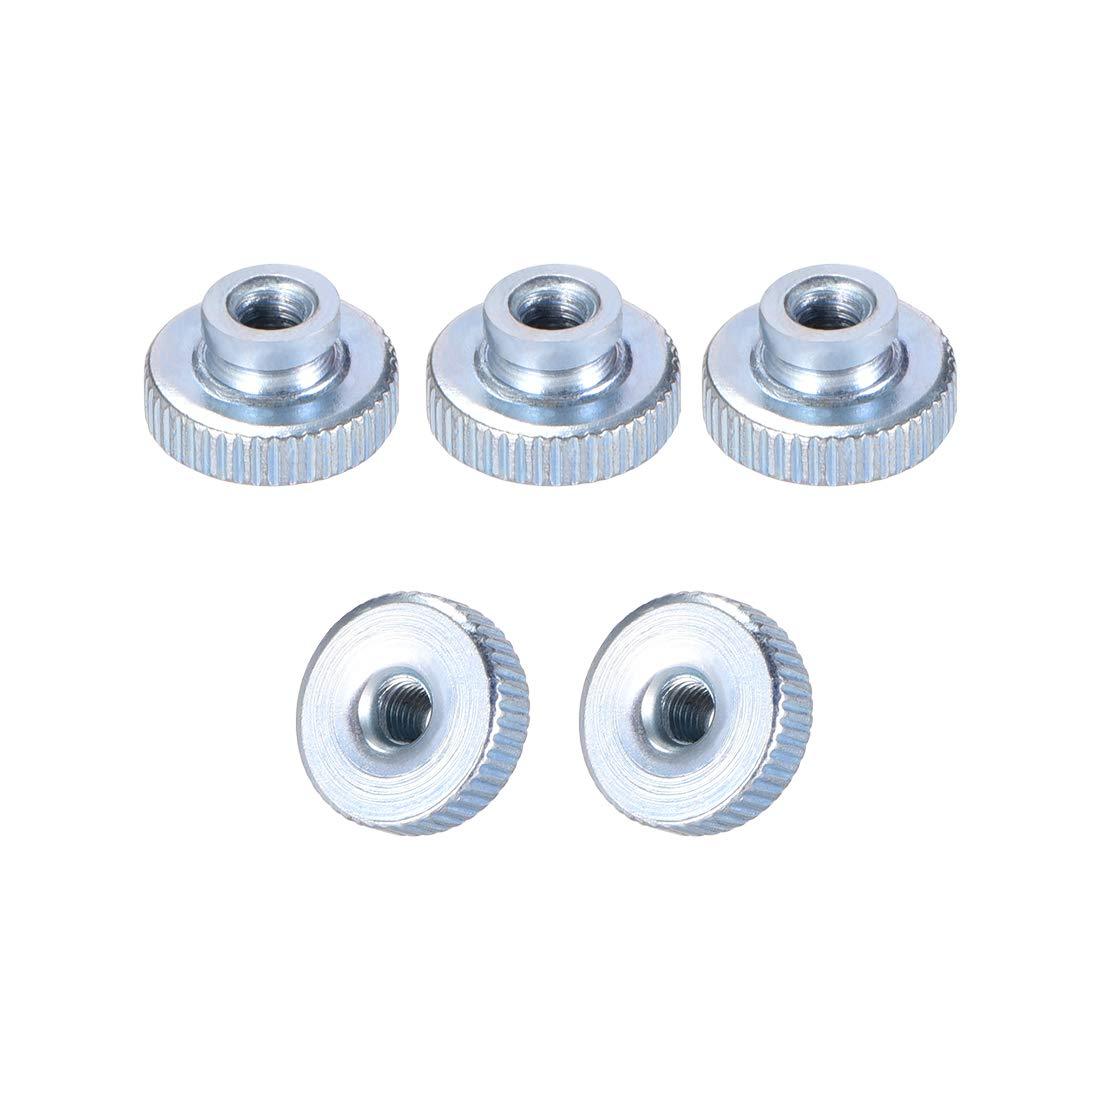 Sourcingmap paquete de 20 Tuercas para pulgar chapado en n/íquel perillas redondas M4 con collar